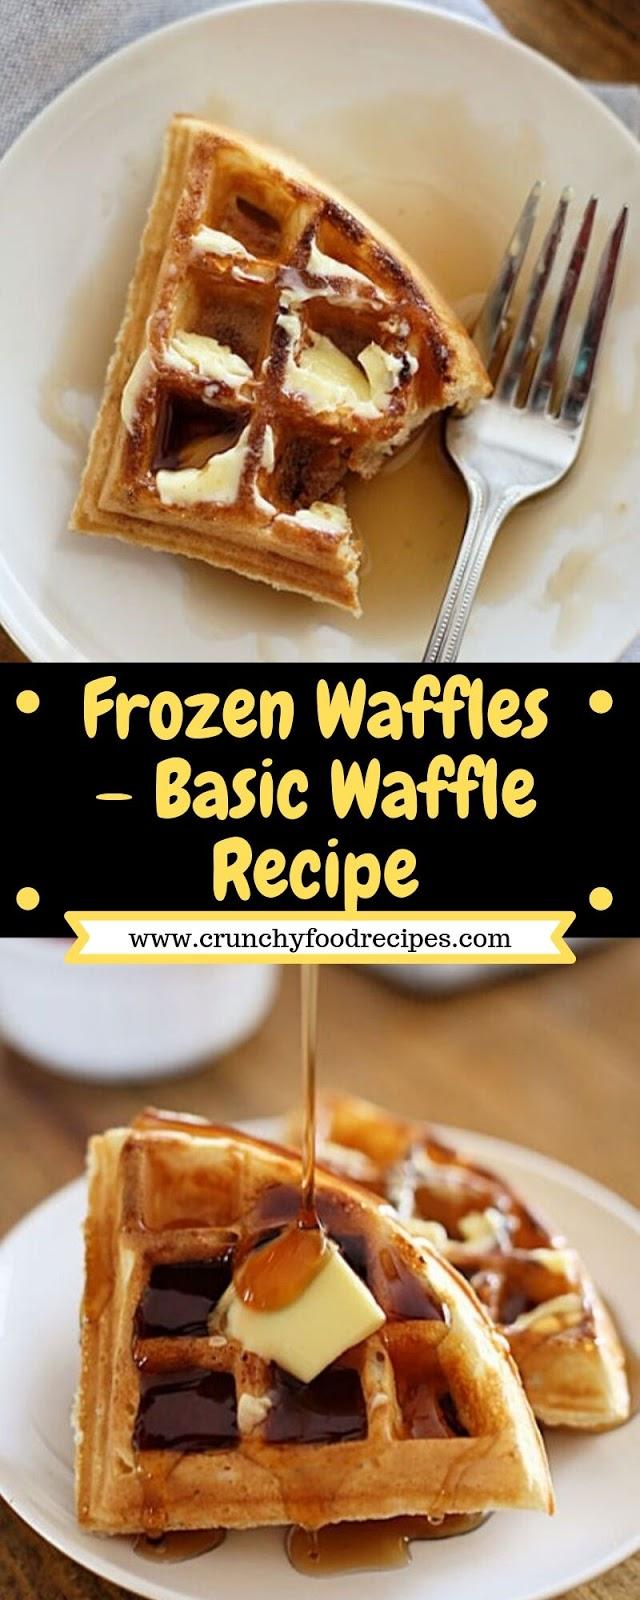 Frozen Waffles – Basic Waffle Recipe